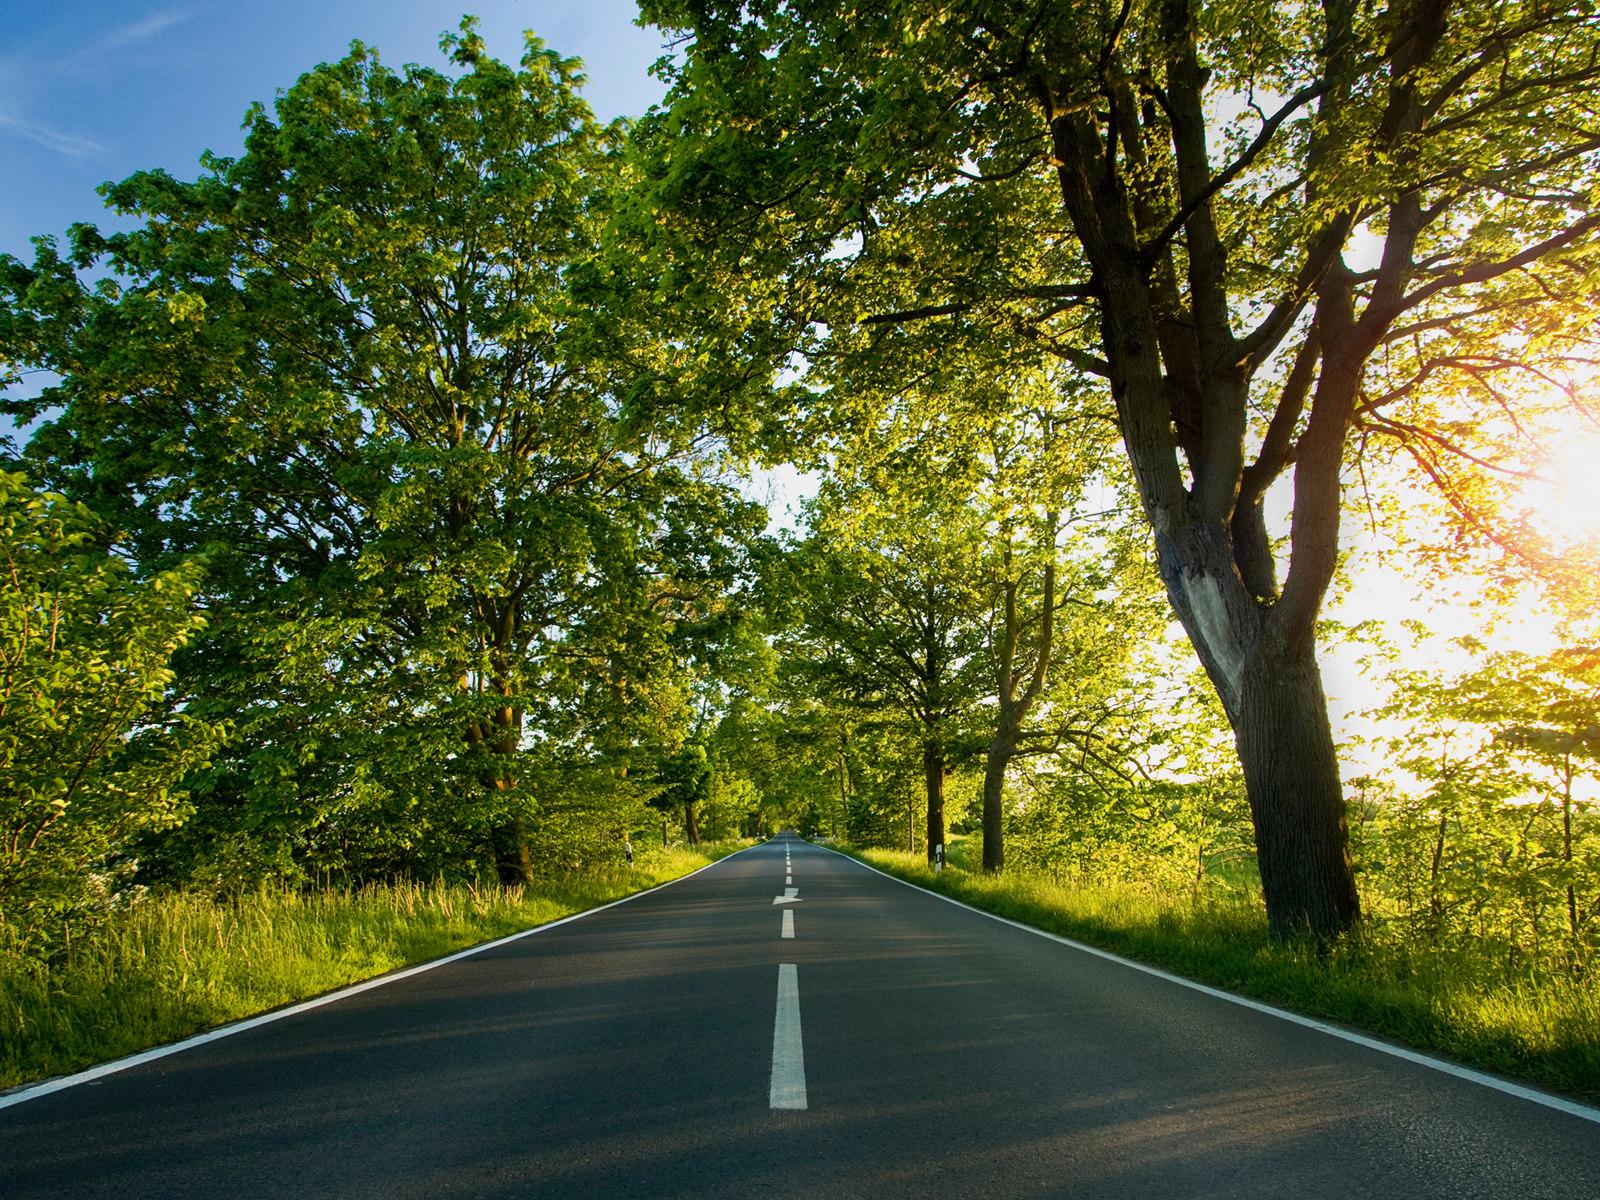 新西兰郊外风景壁纸 新西兰 林荫大道图片壁纸高清图片